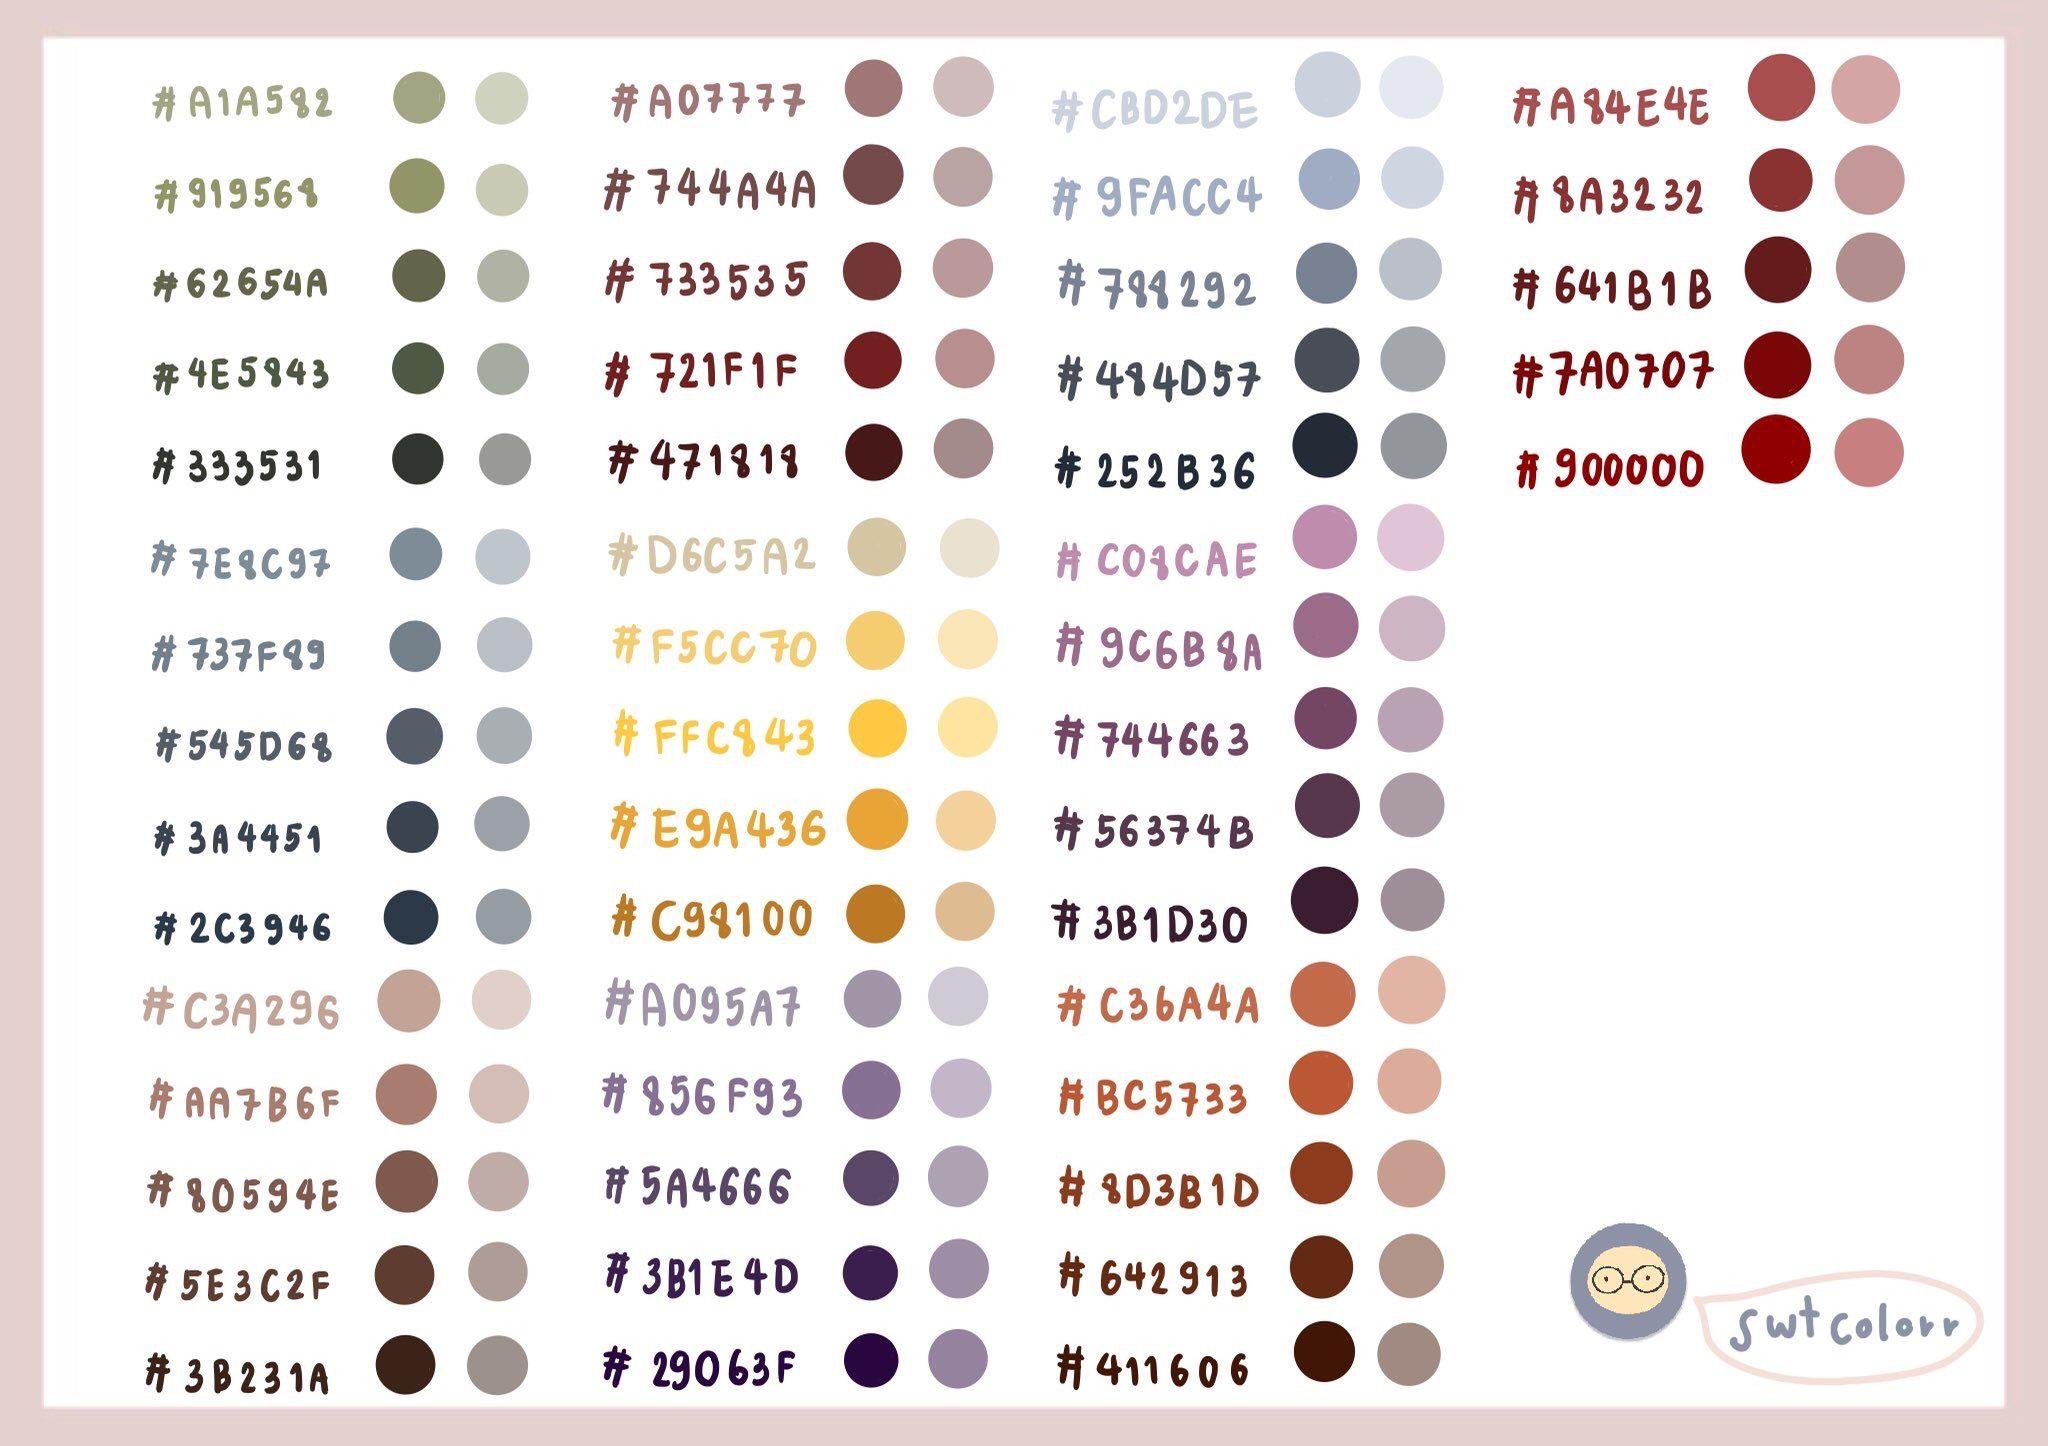 ปักพินโดย Pinkyalice ใน Palette สี, เฉดสี, แพลนเนอร์